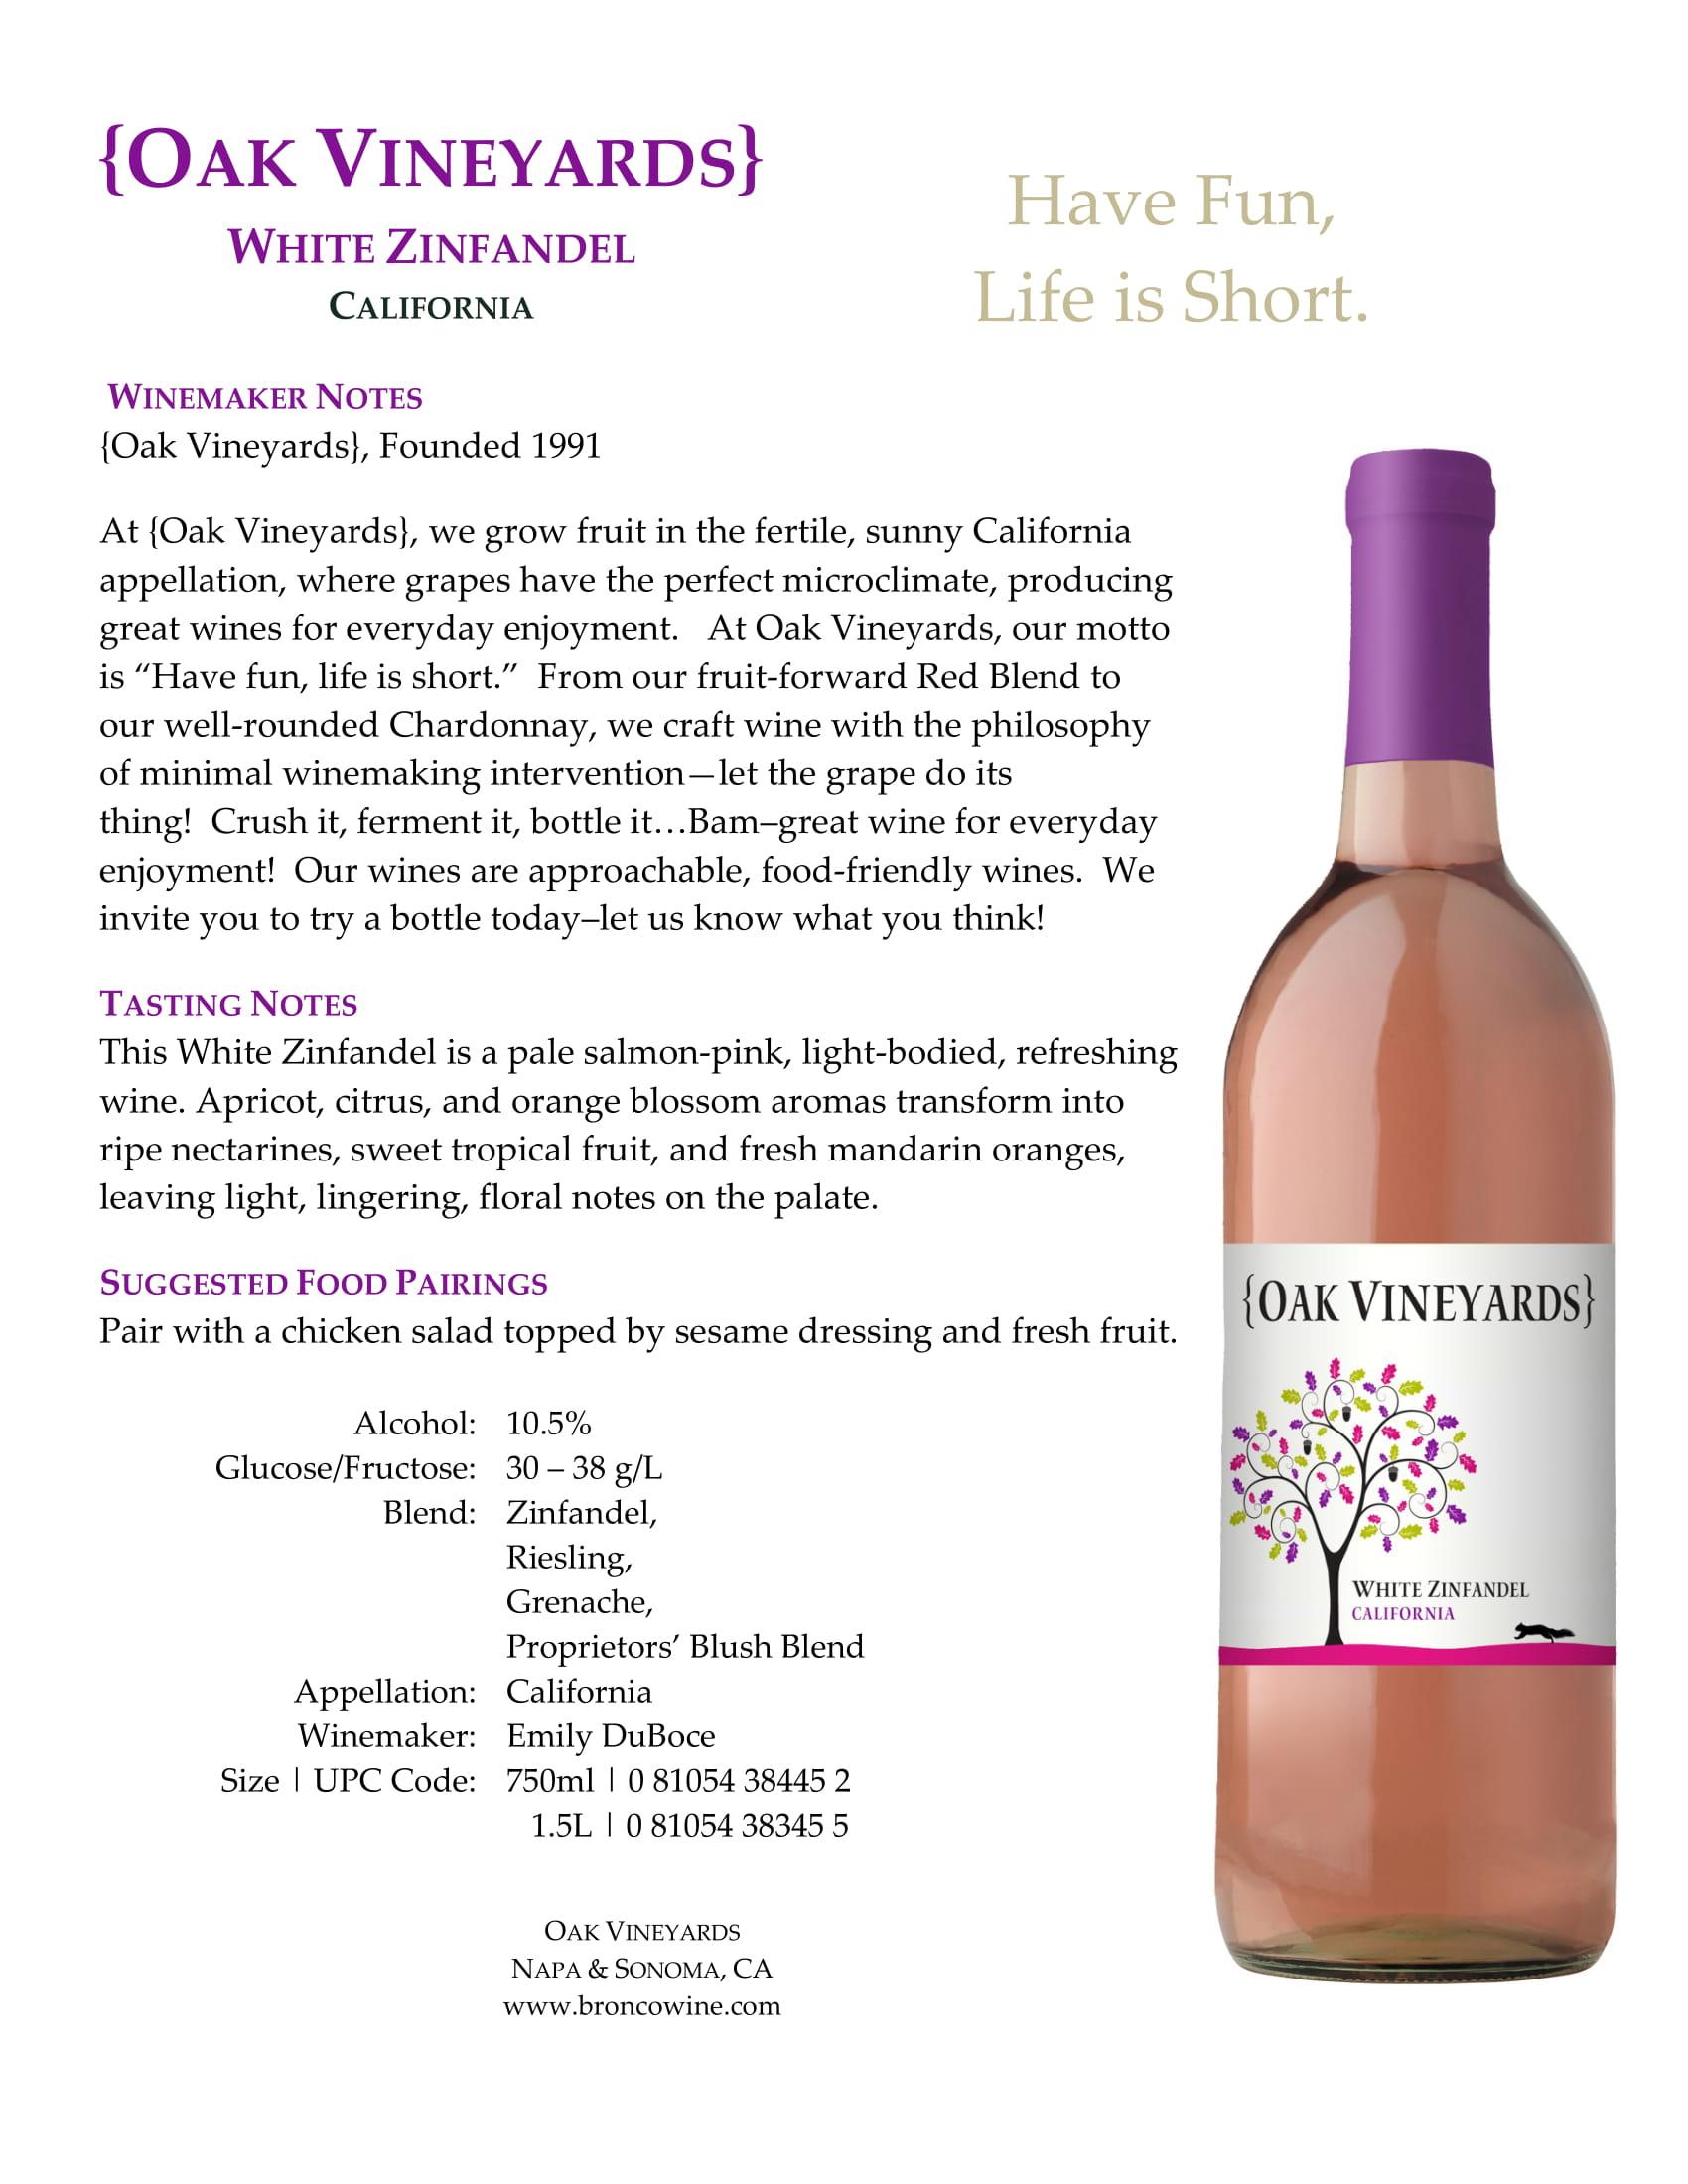 Oak Vineyards White Zinfandel Tech Sheet